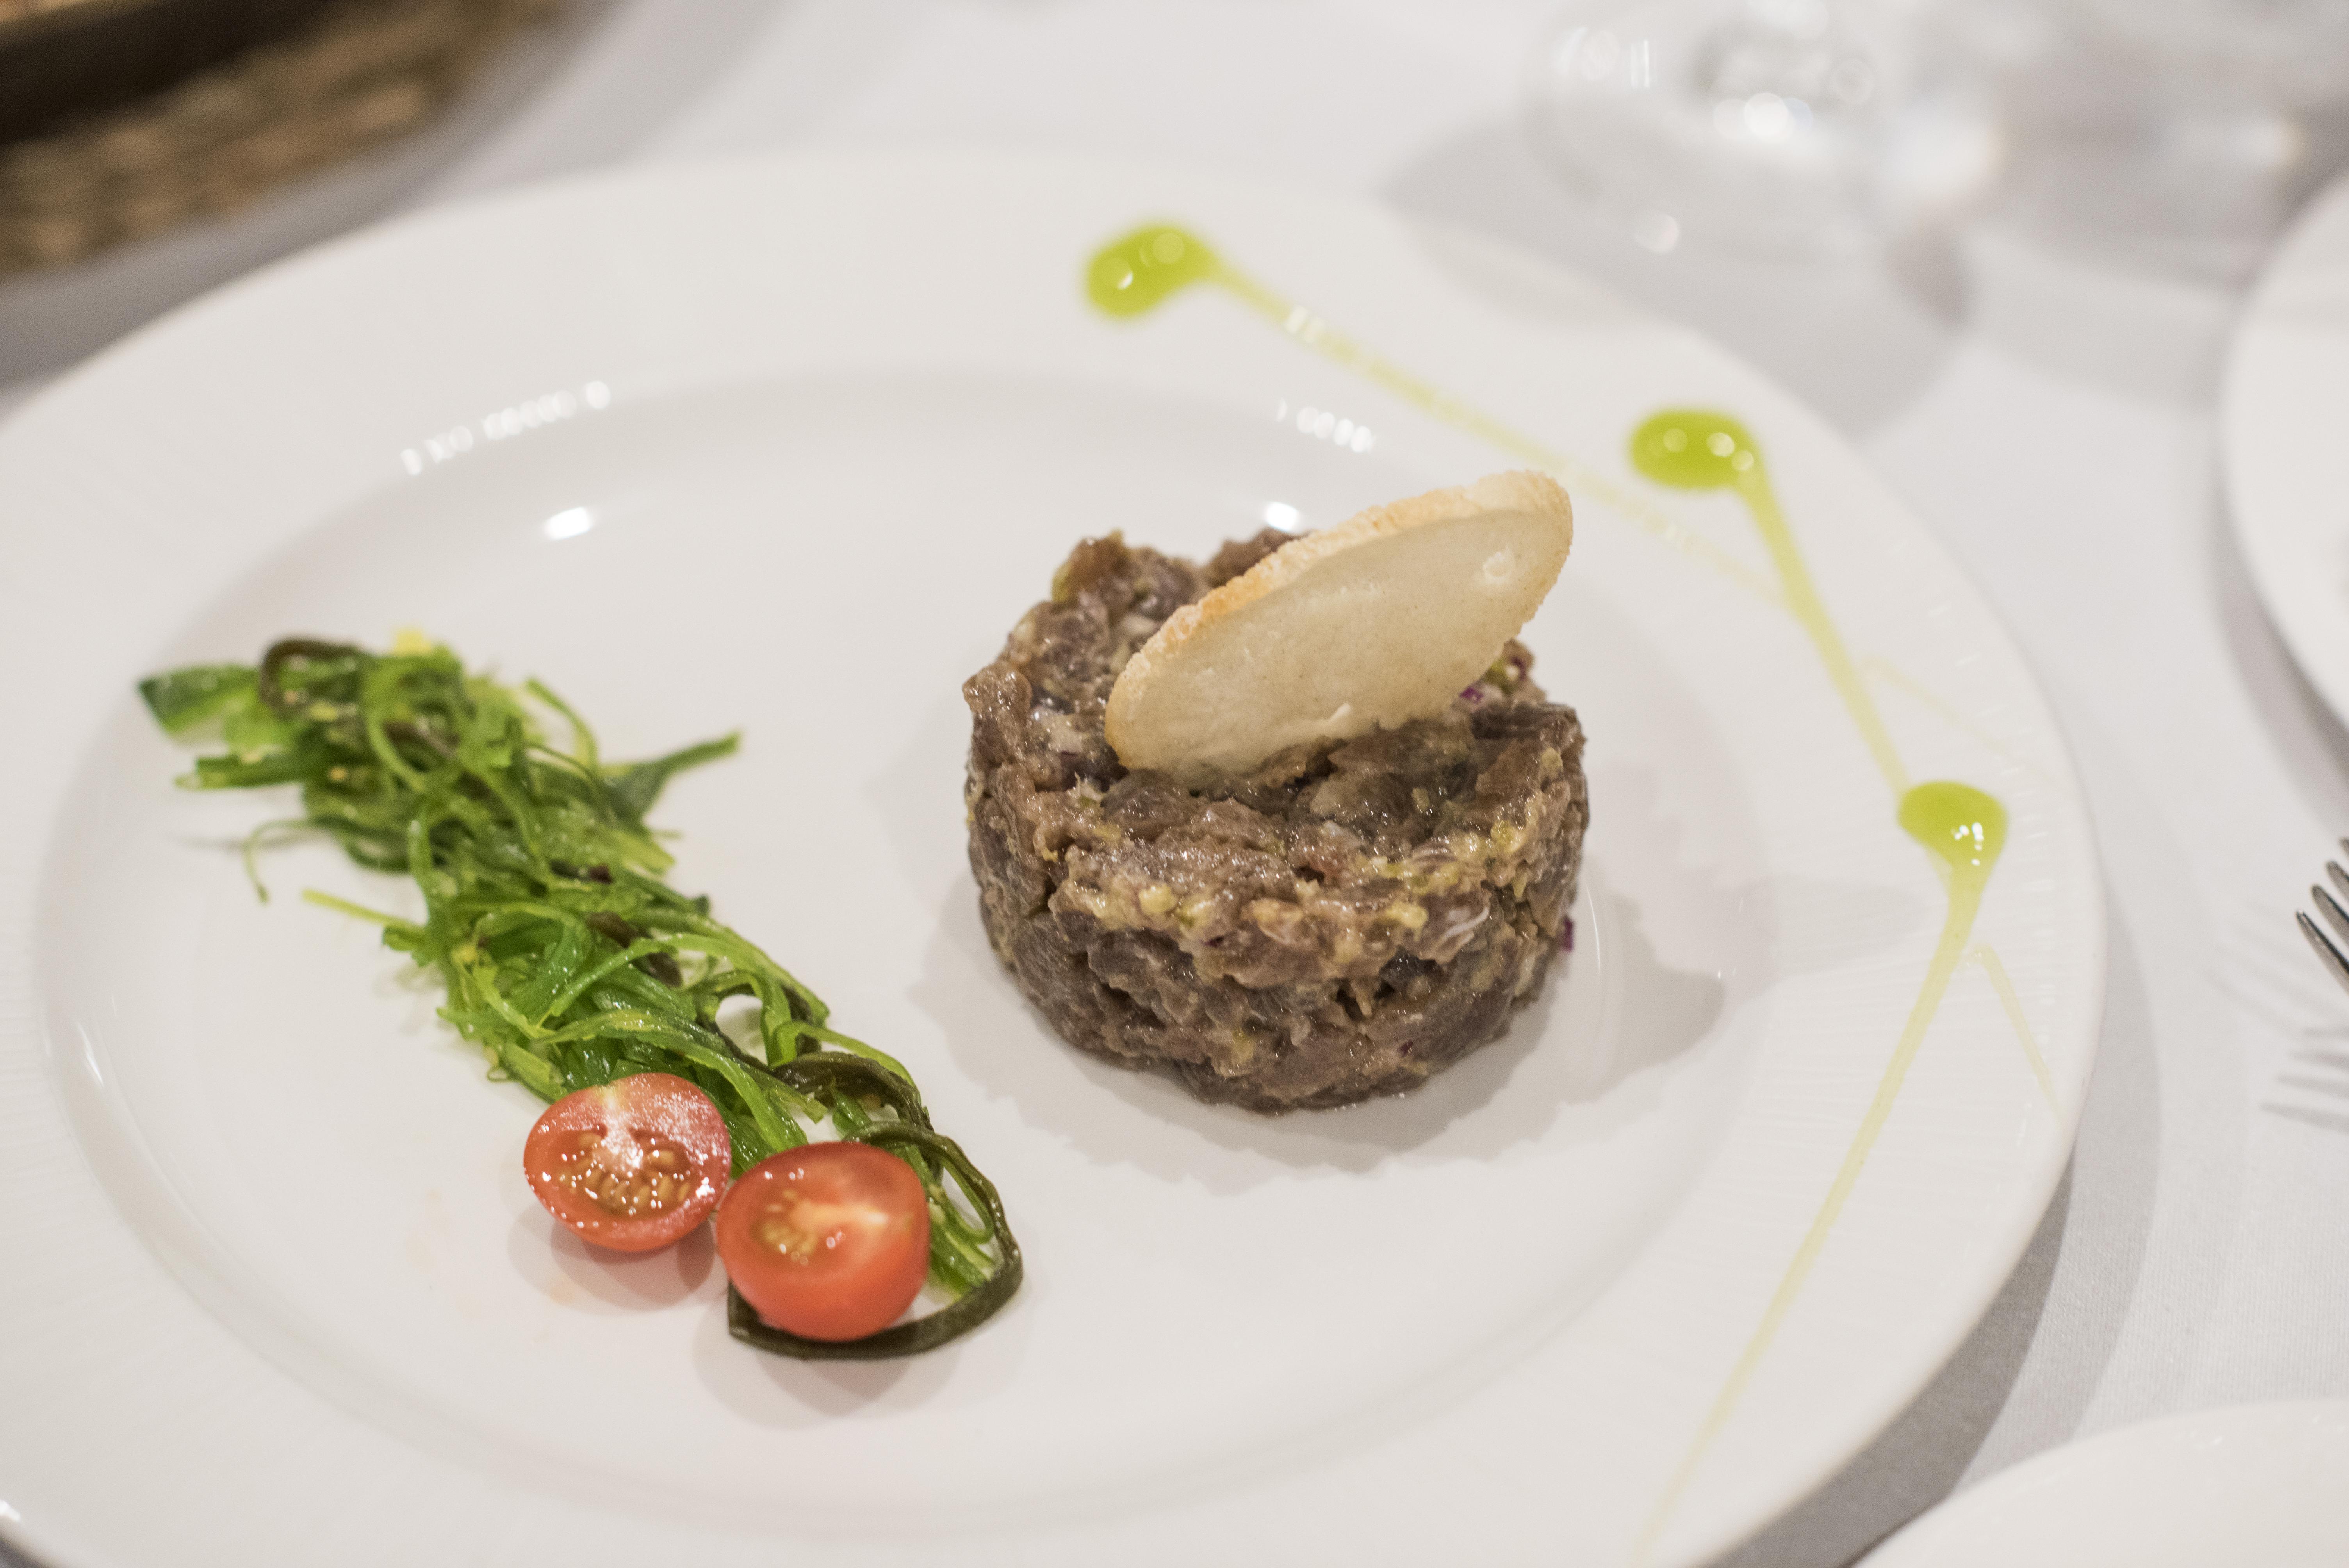 Filete tártaro